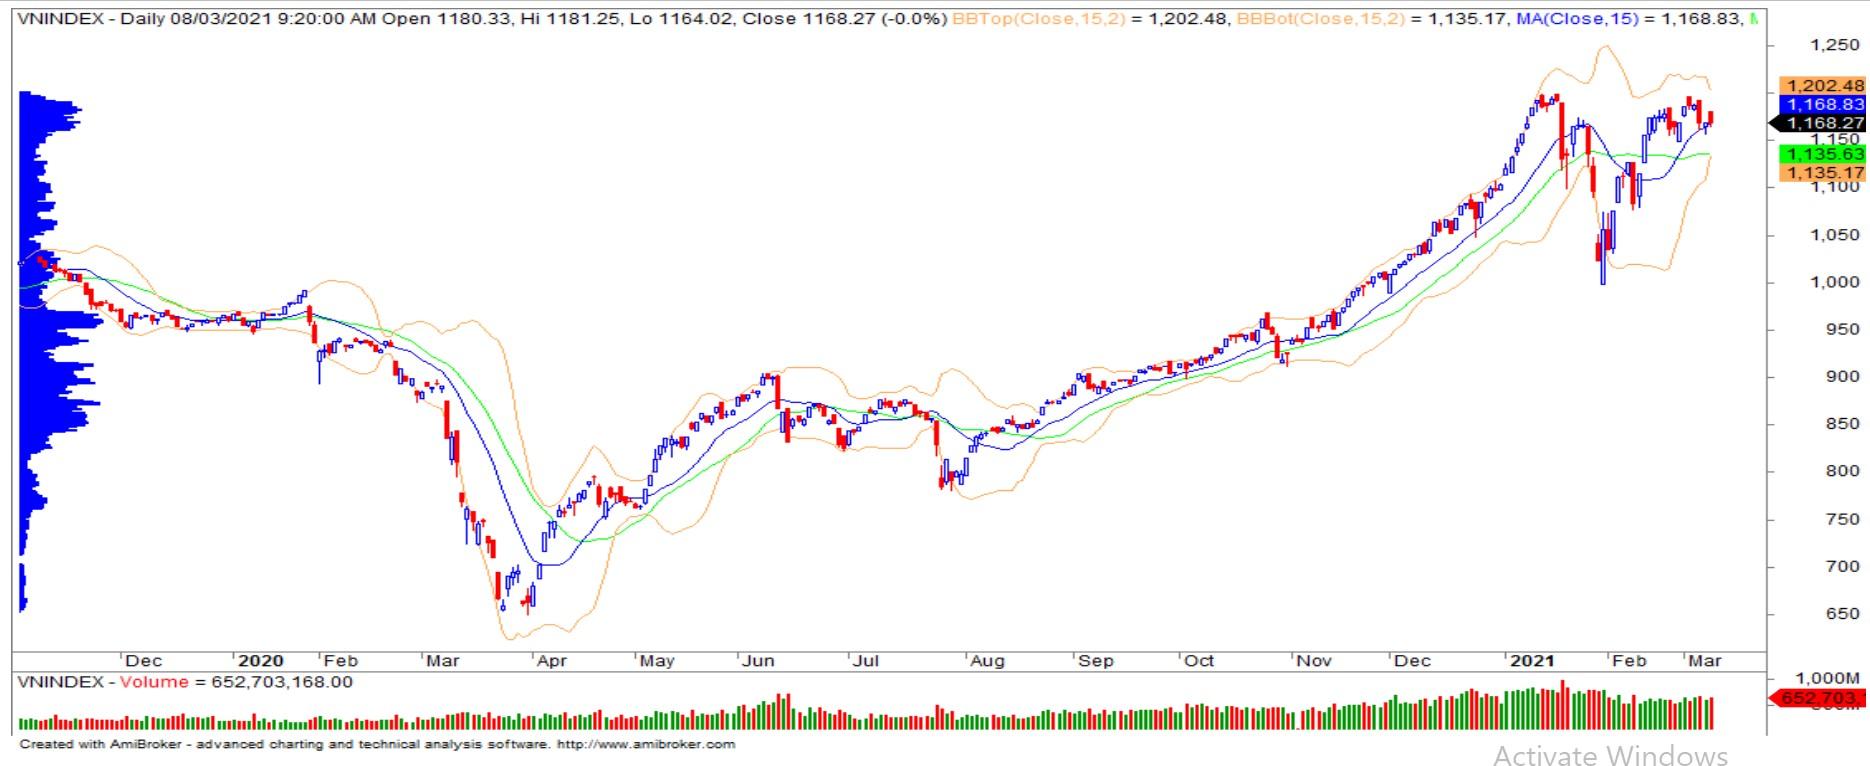 Nhận định thị trường chứng khoán ngày 9/3: Dòng tiền tiếp tục phân hóa - Ảnh 1.